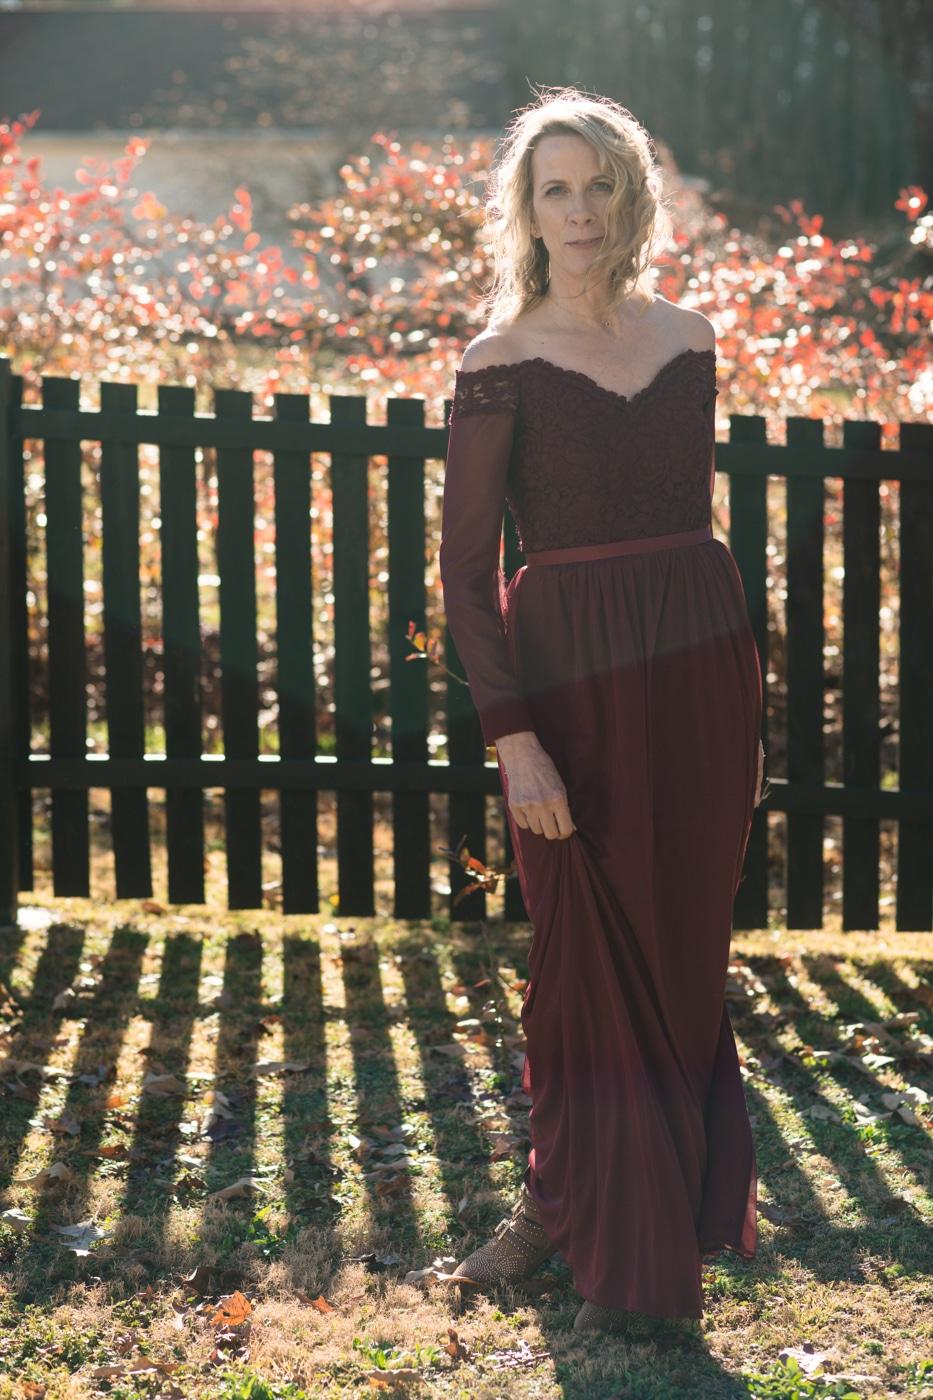 bride in maroon dress twirls in backyard